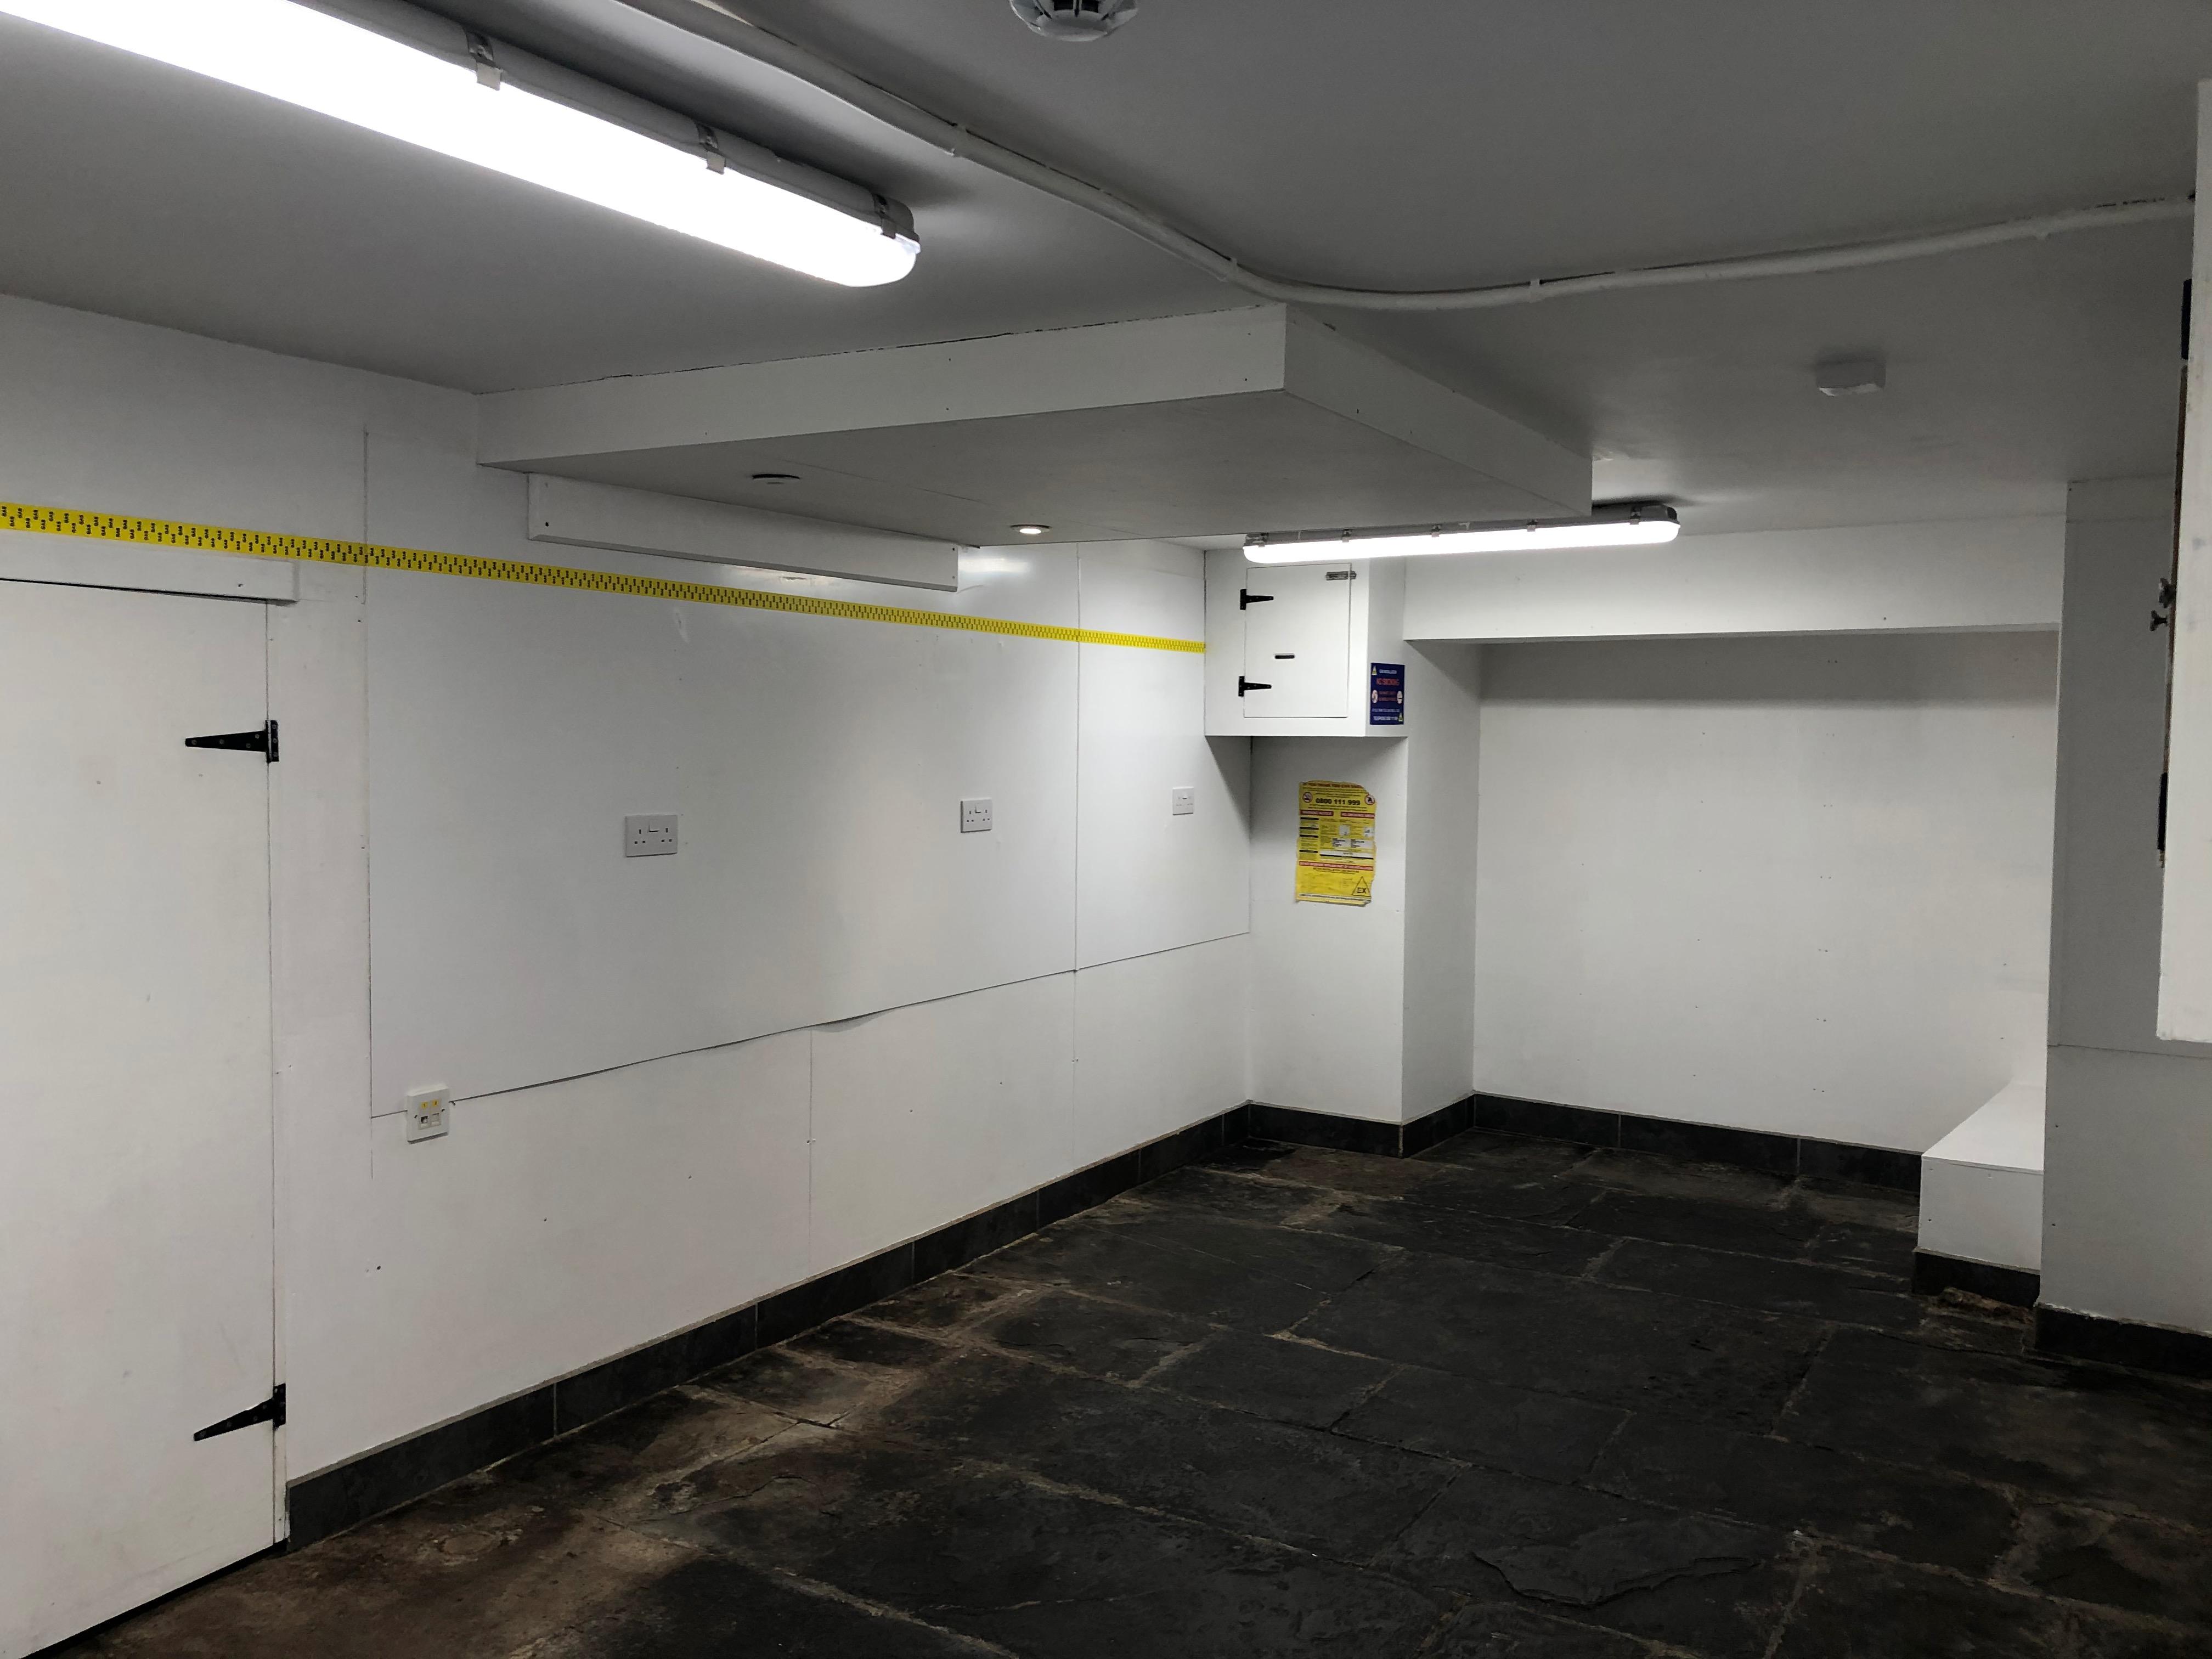 Basement Room Pic C